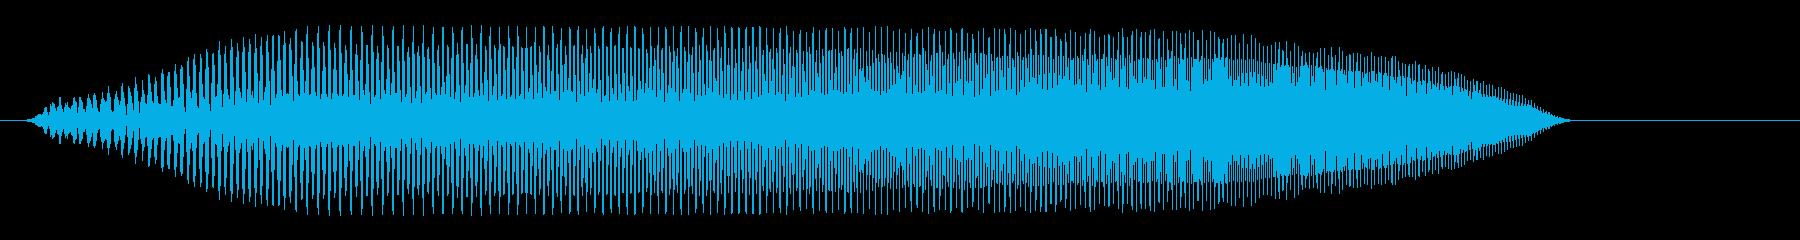 プゥ〜ィ(警戒音、伸びる音)の再生済みの波形